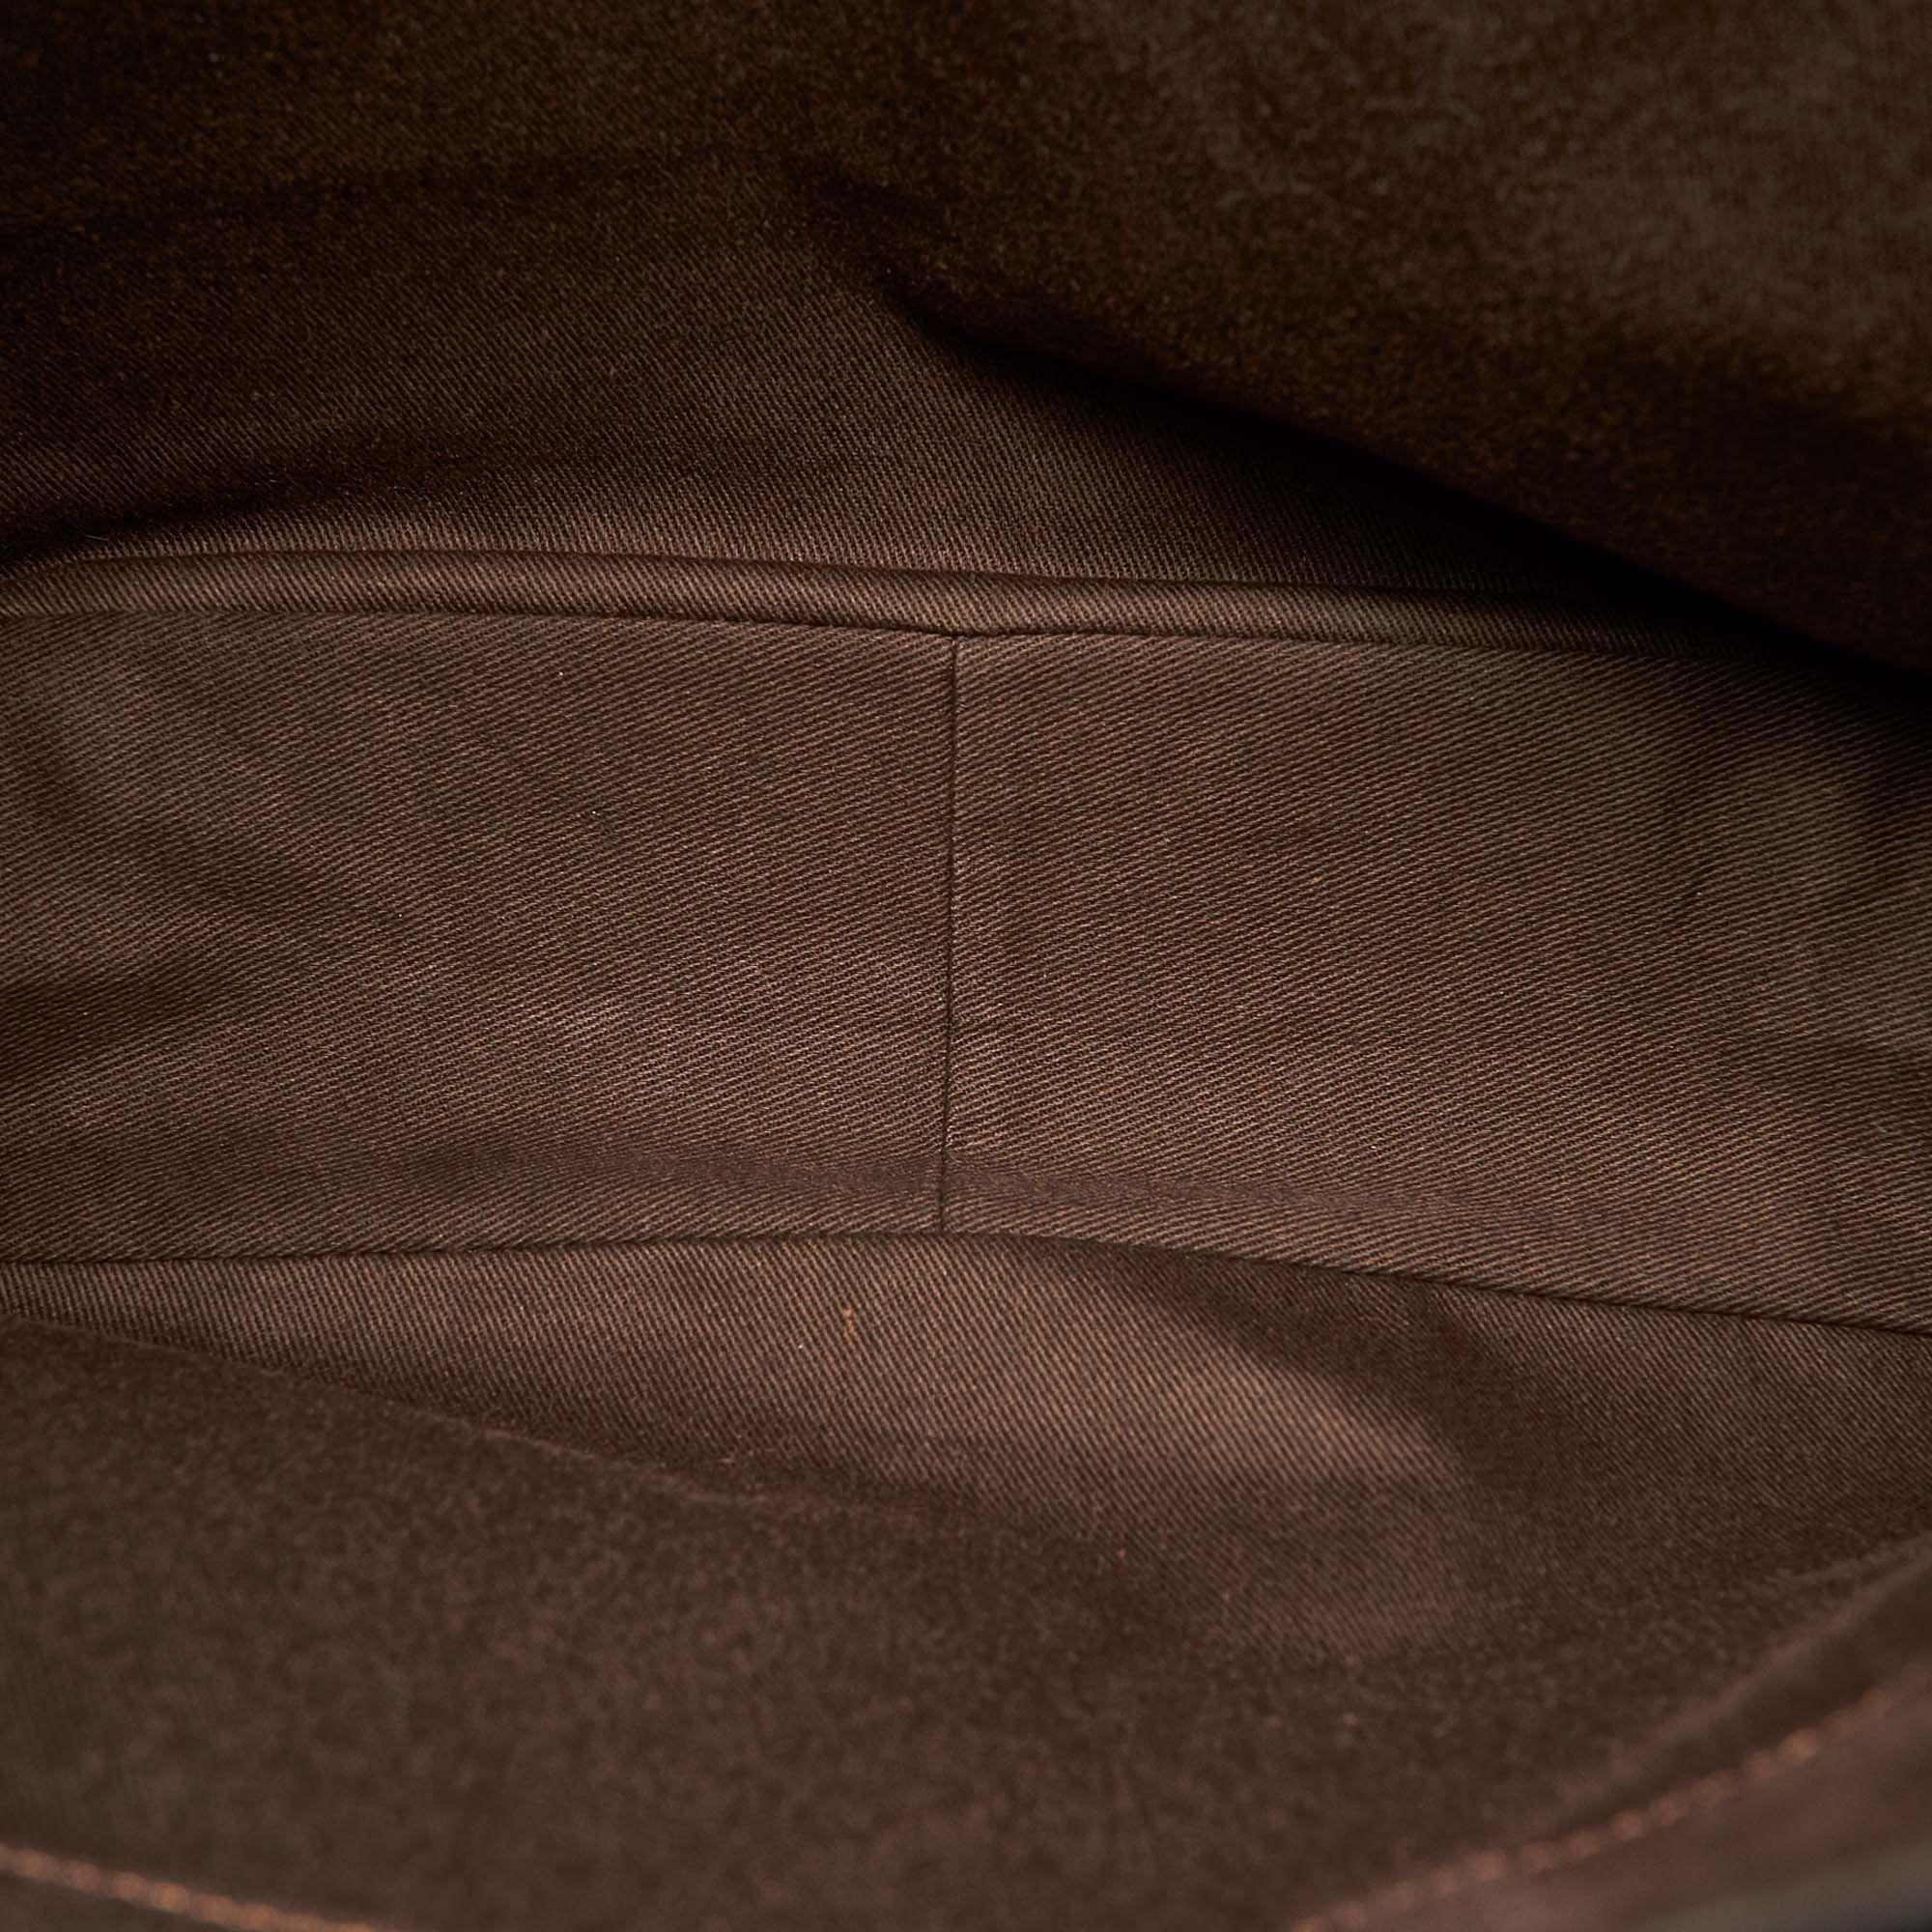 Vintage Celine Macadam Canvas Tote Bag Brown